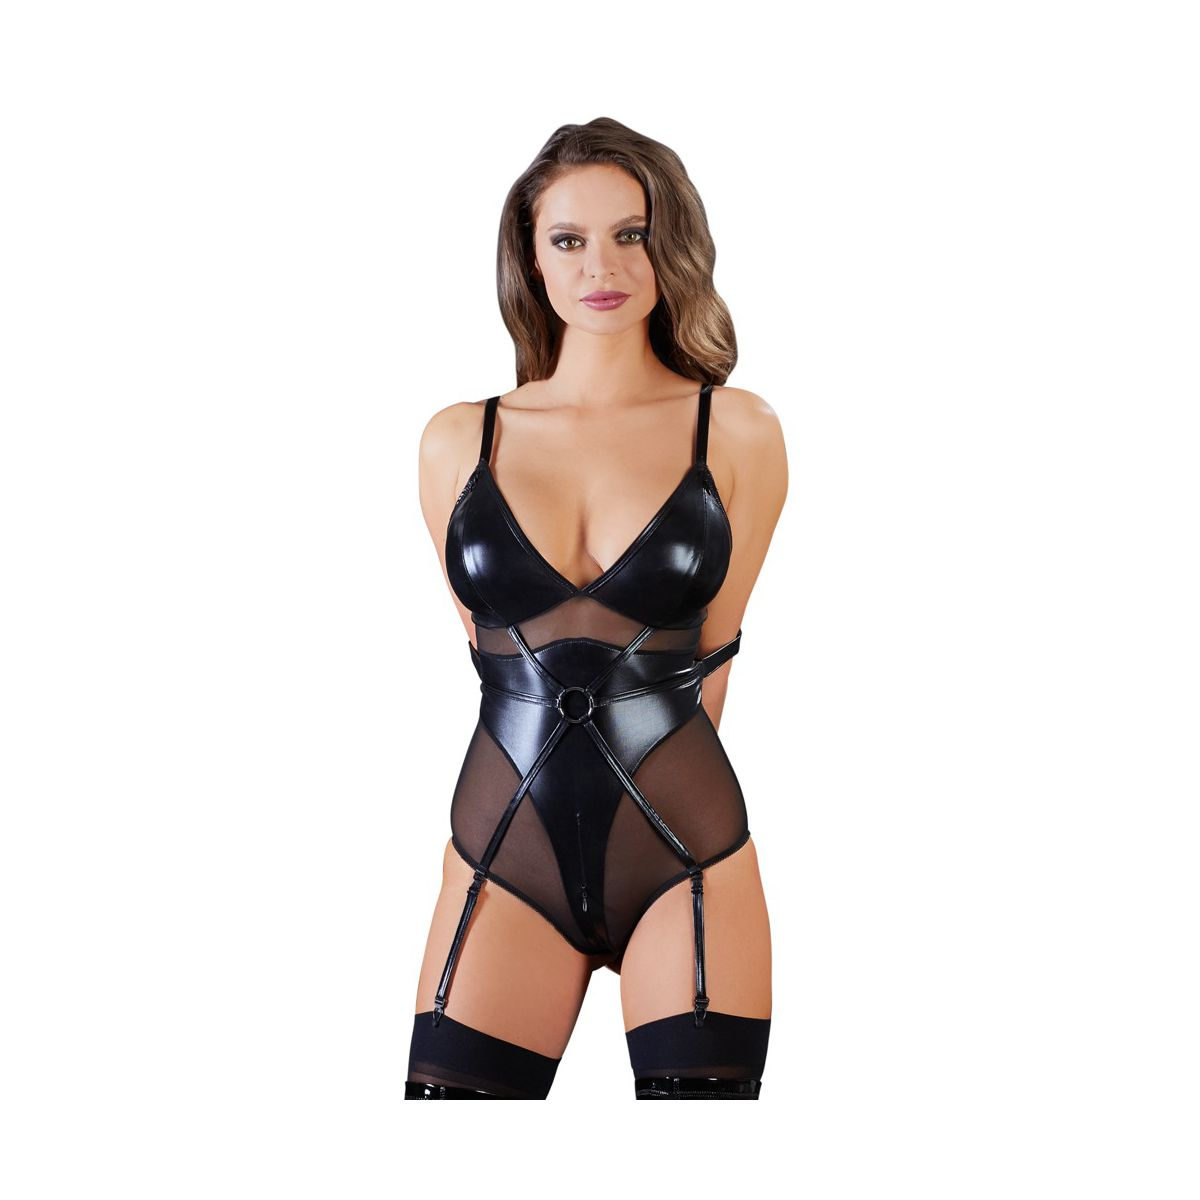 Body para juegos de bondage en tejido brillante con aberturas y ligueros